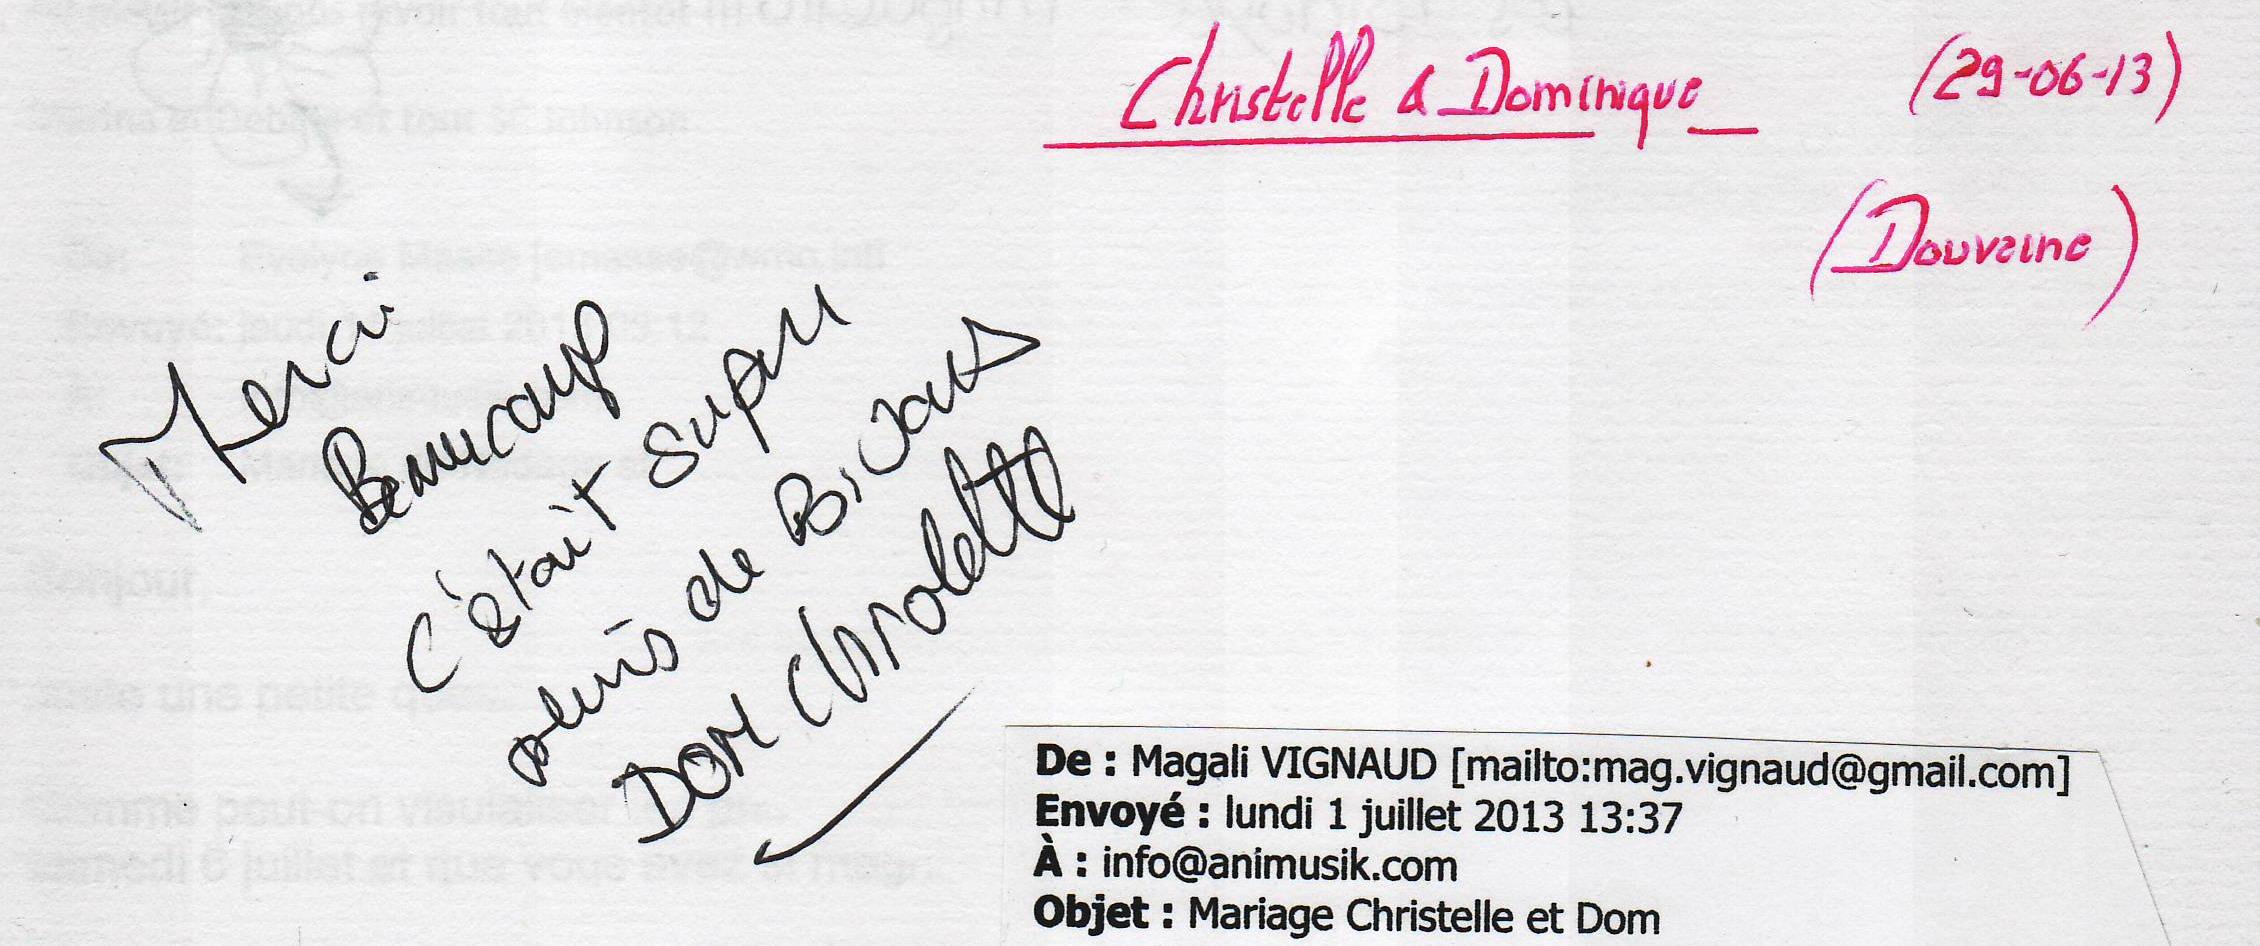 Mariage MANCARI Dominique & Christelle (Douvaine) (29-06-2013)